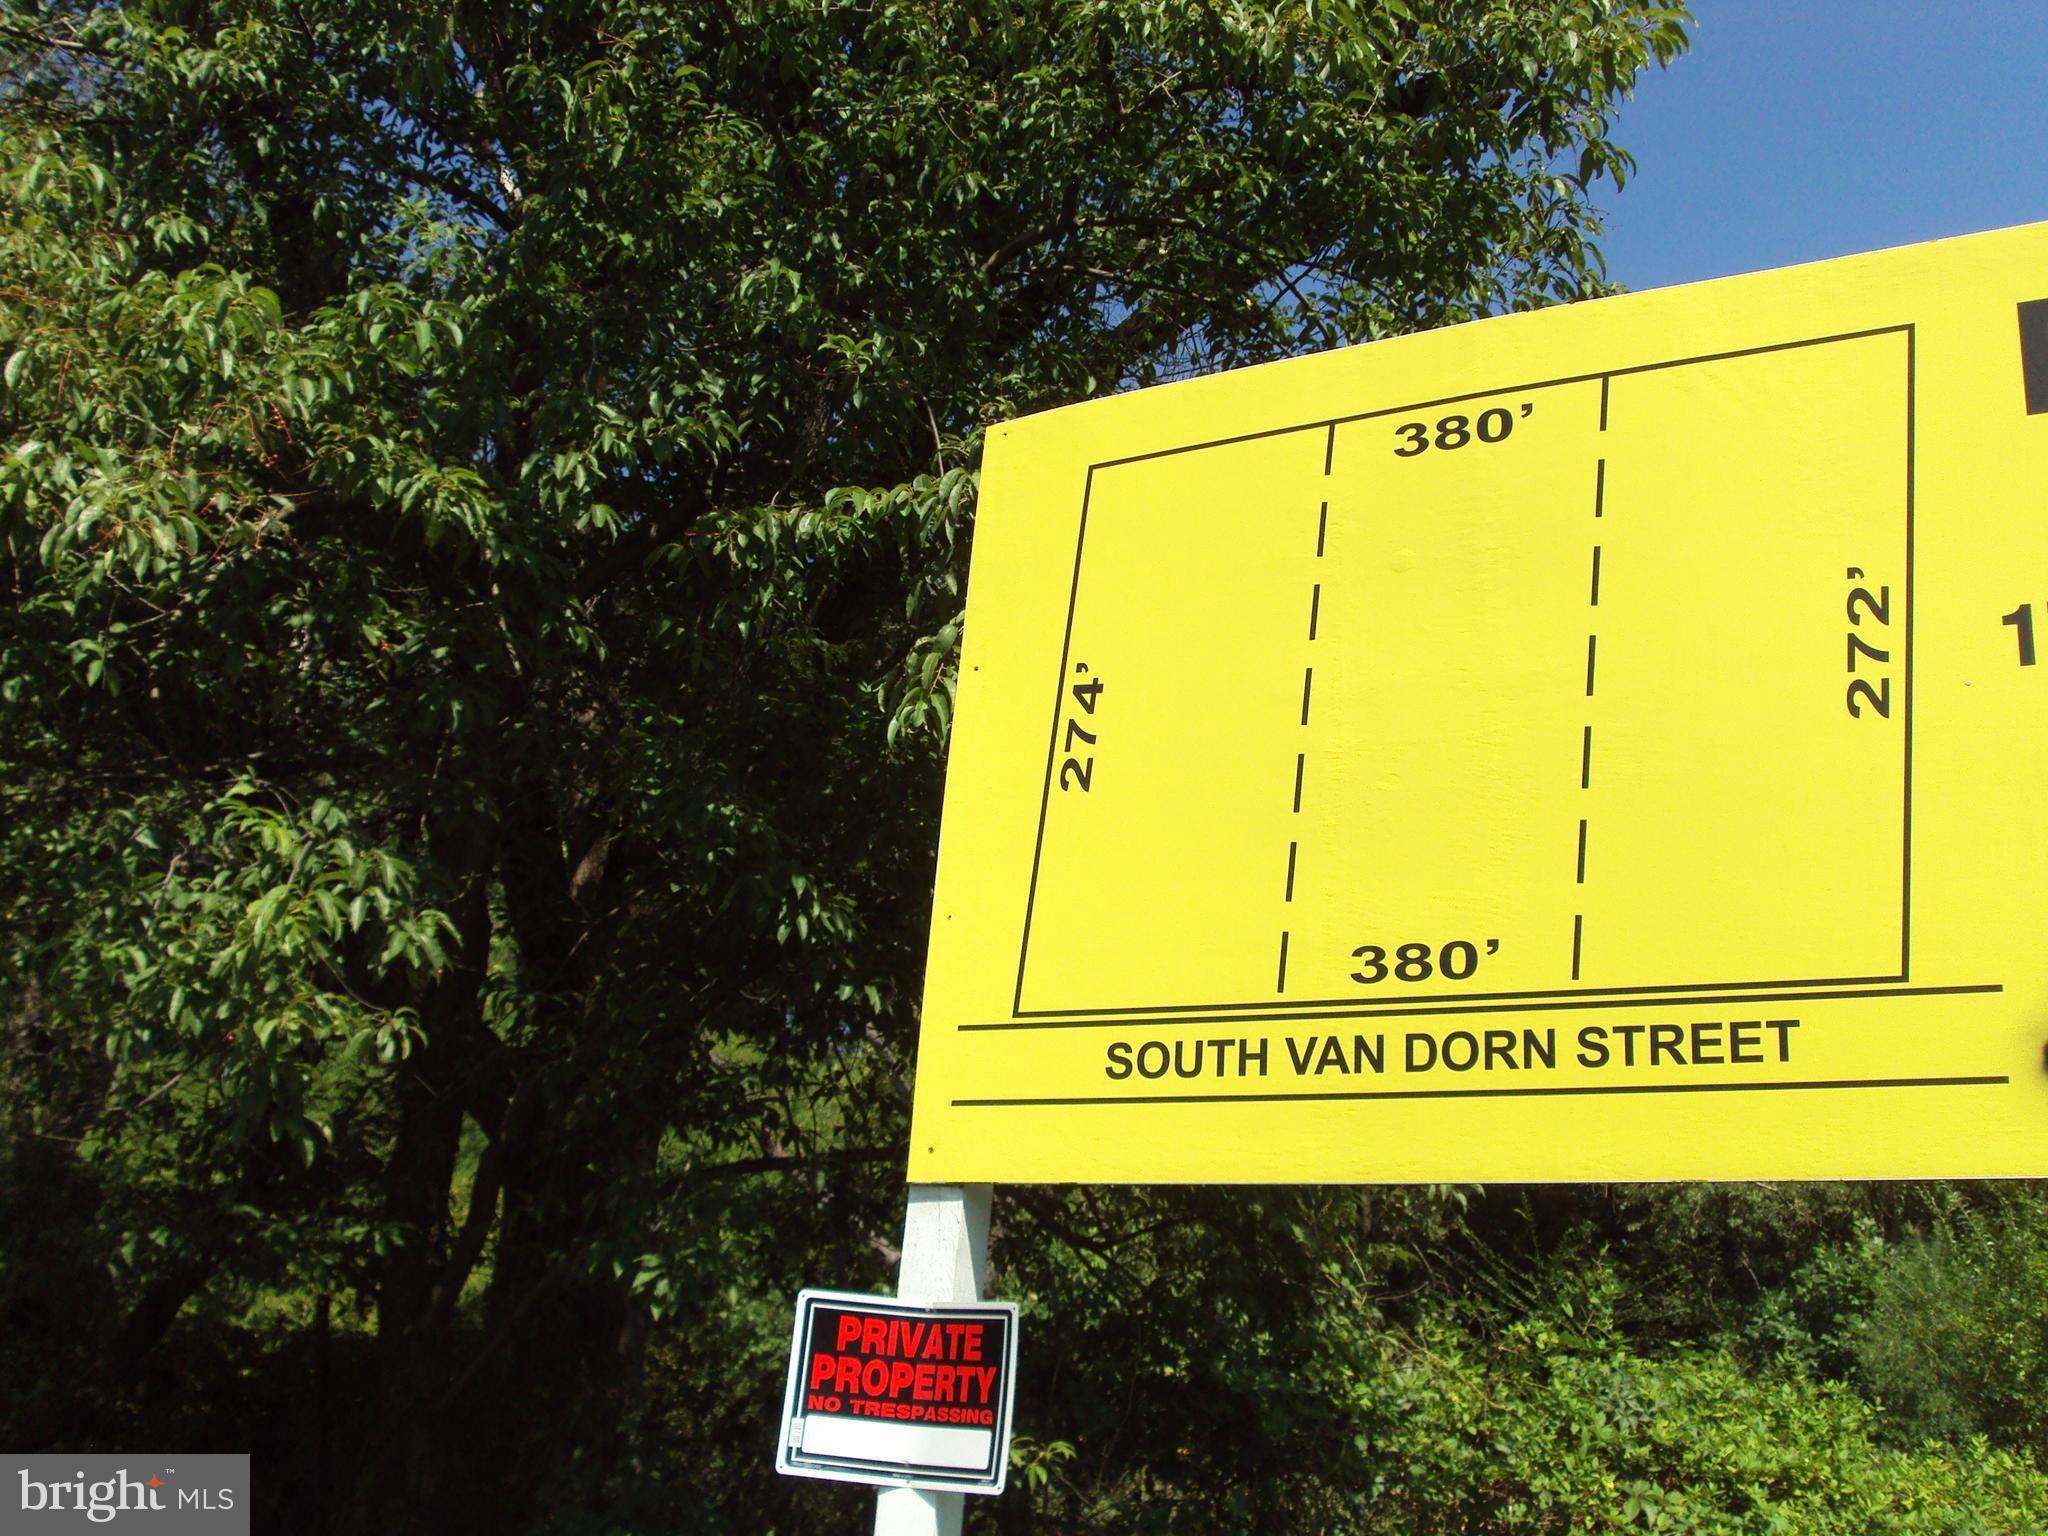 5945 S VAN DORN STREET, ALEXANDRIA, VA 22310